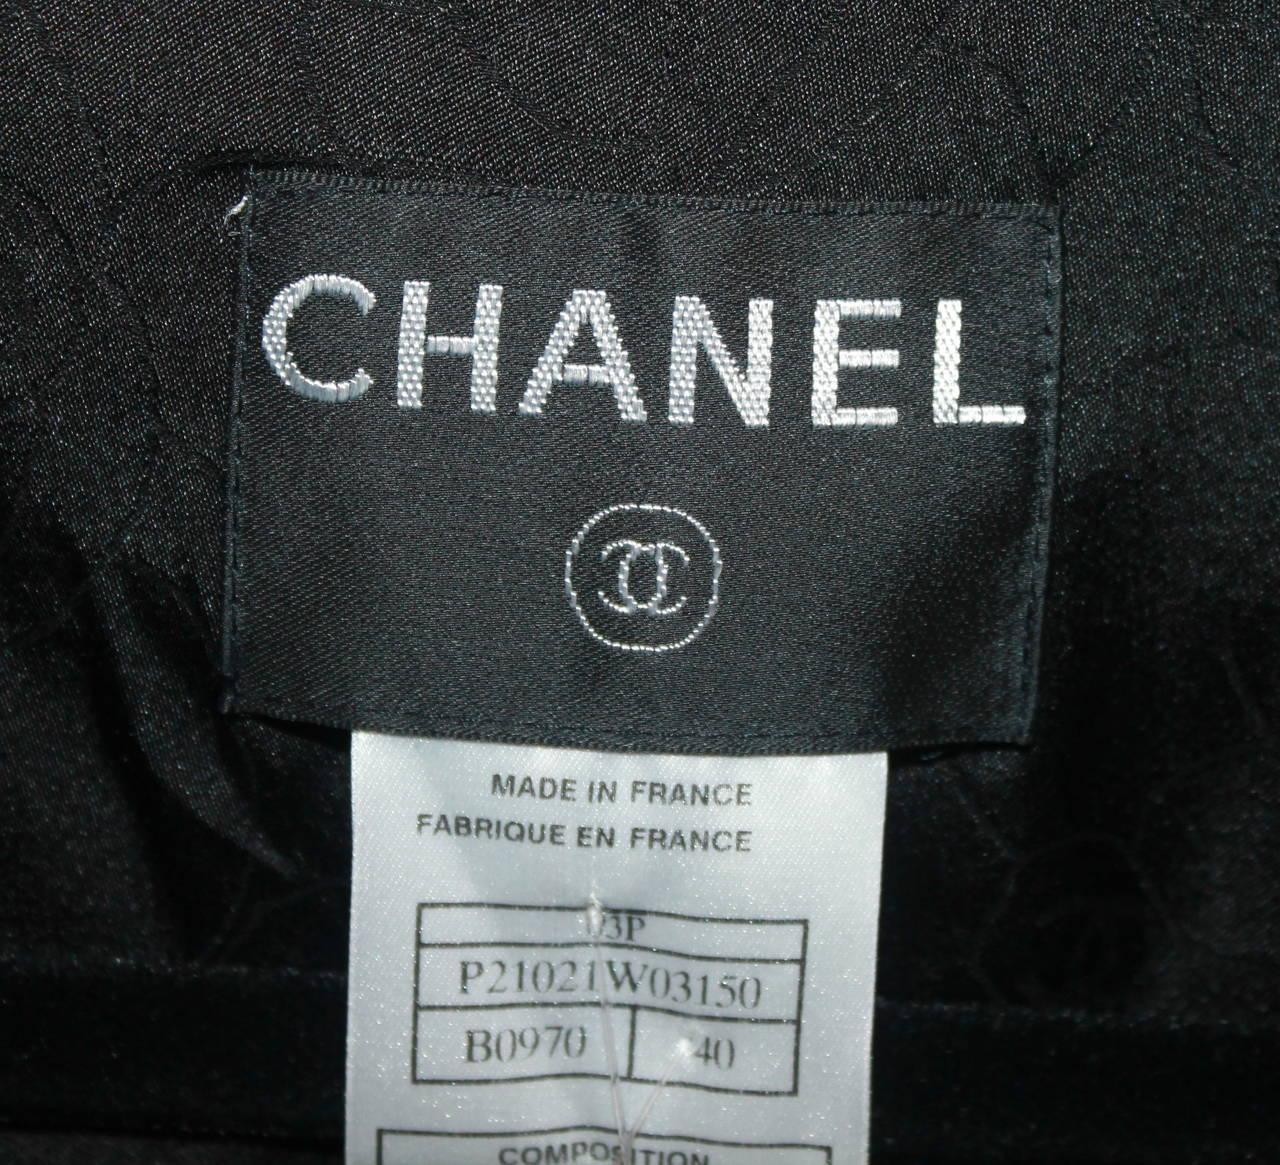 Chanel Black Wool Tuxedo Style Jacket - 40 - NWT 7